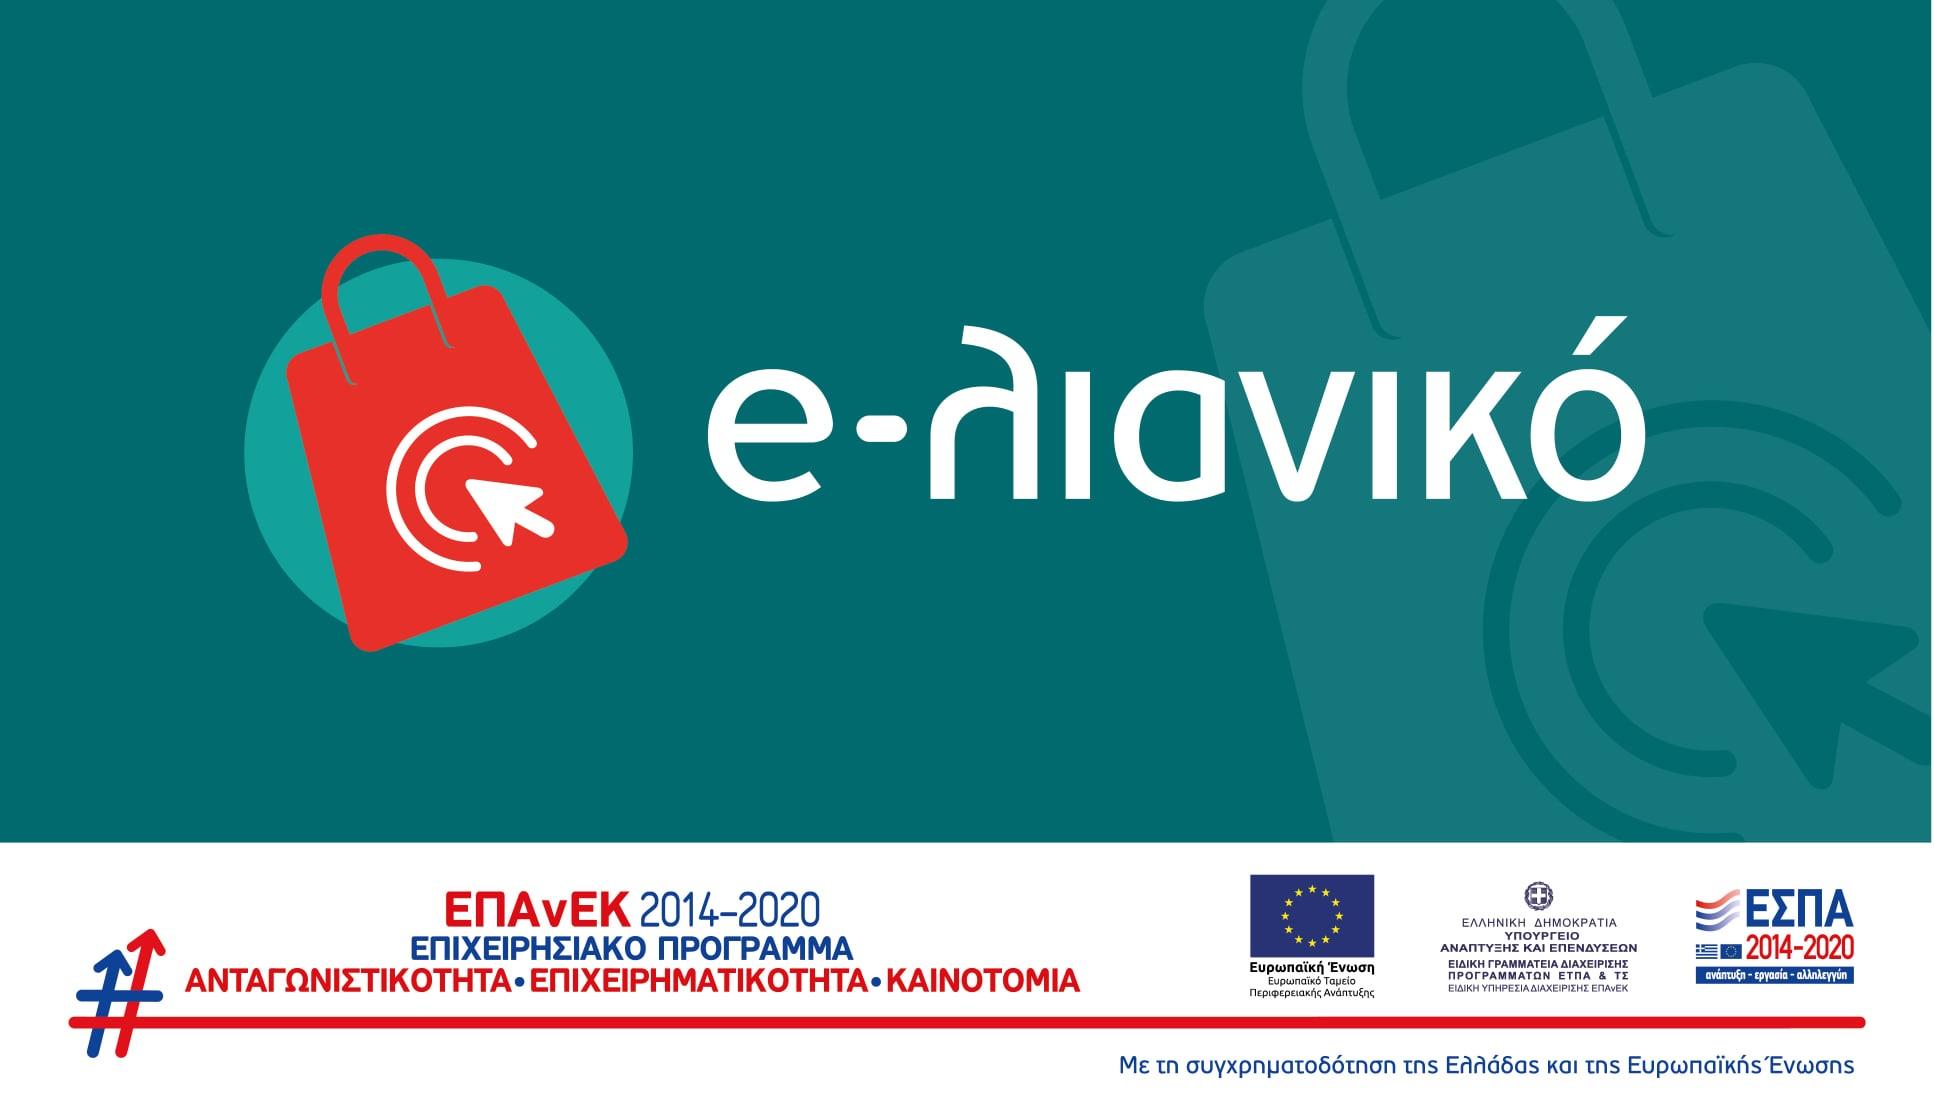 Προδημοσίευση της νέας Δράσης του ΕΠΑνΕΚ: «e-λιανικό»